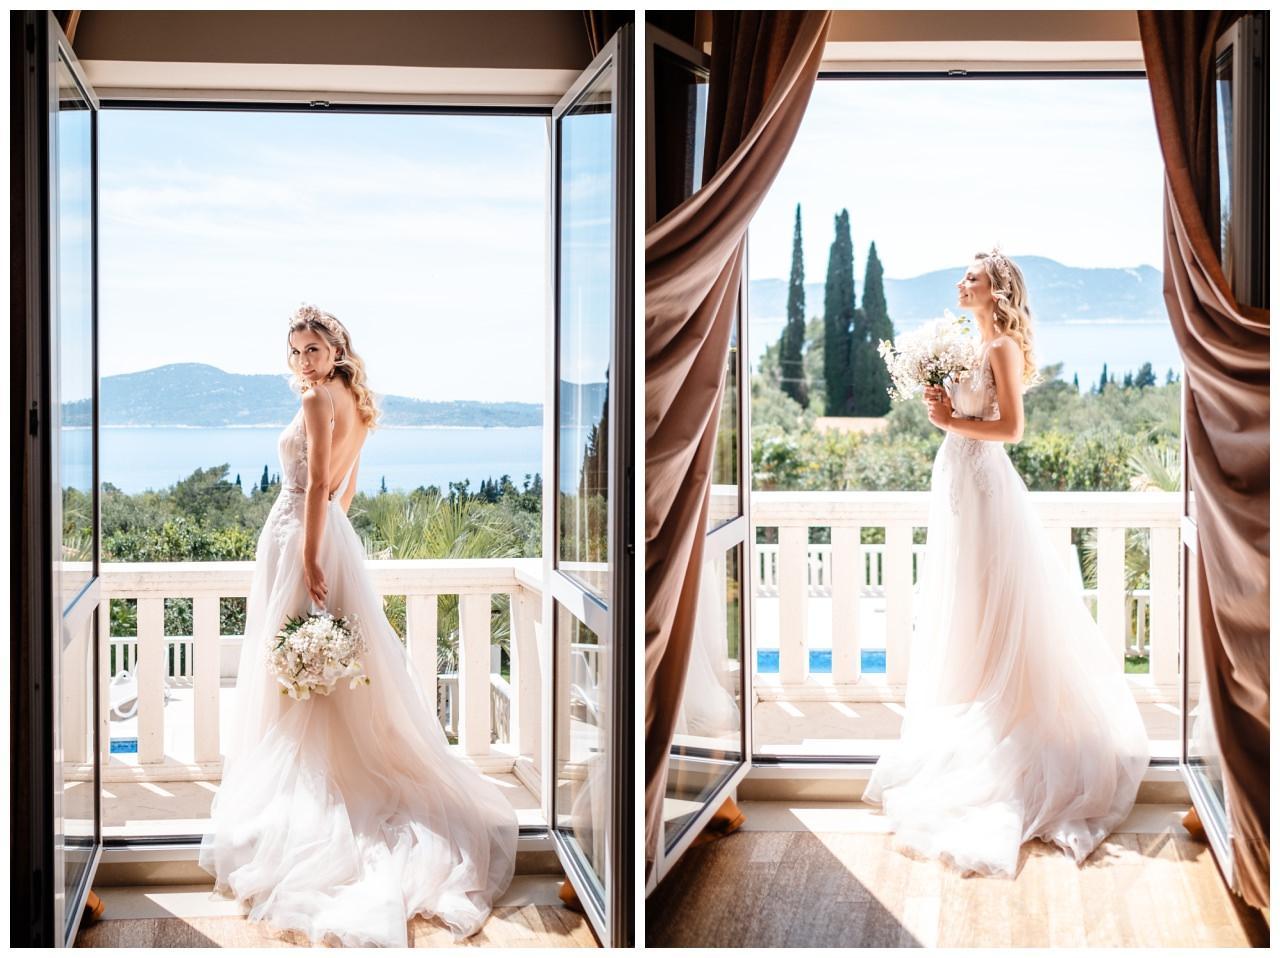 Hochzeit Villa Kroatien Hochzeitsplanung Fotograf 4 - Romantische Hochzeit in einer Villa